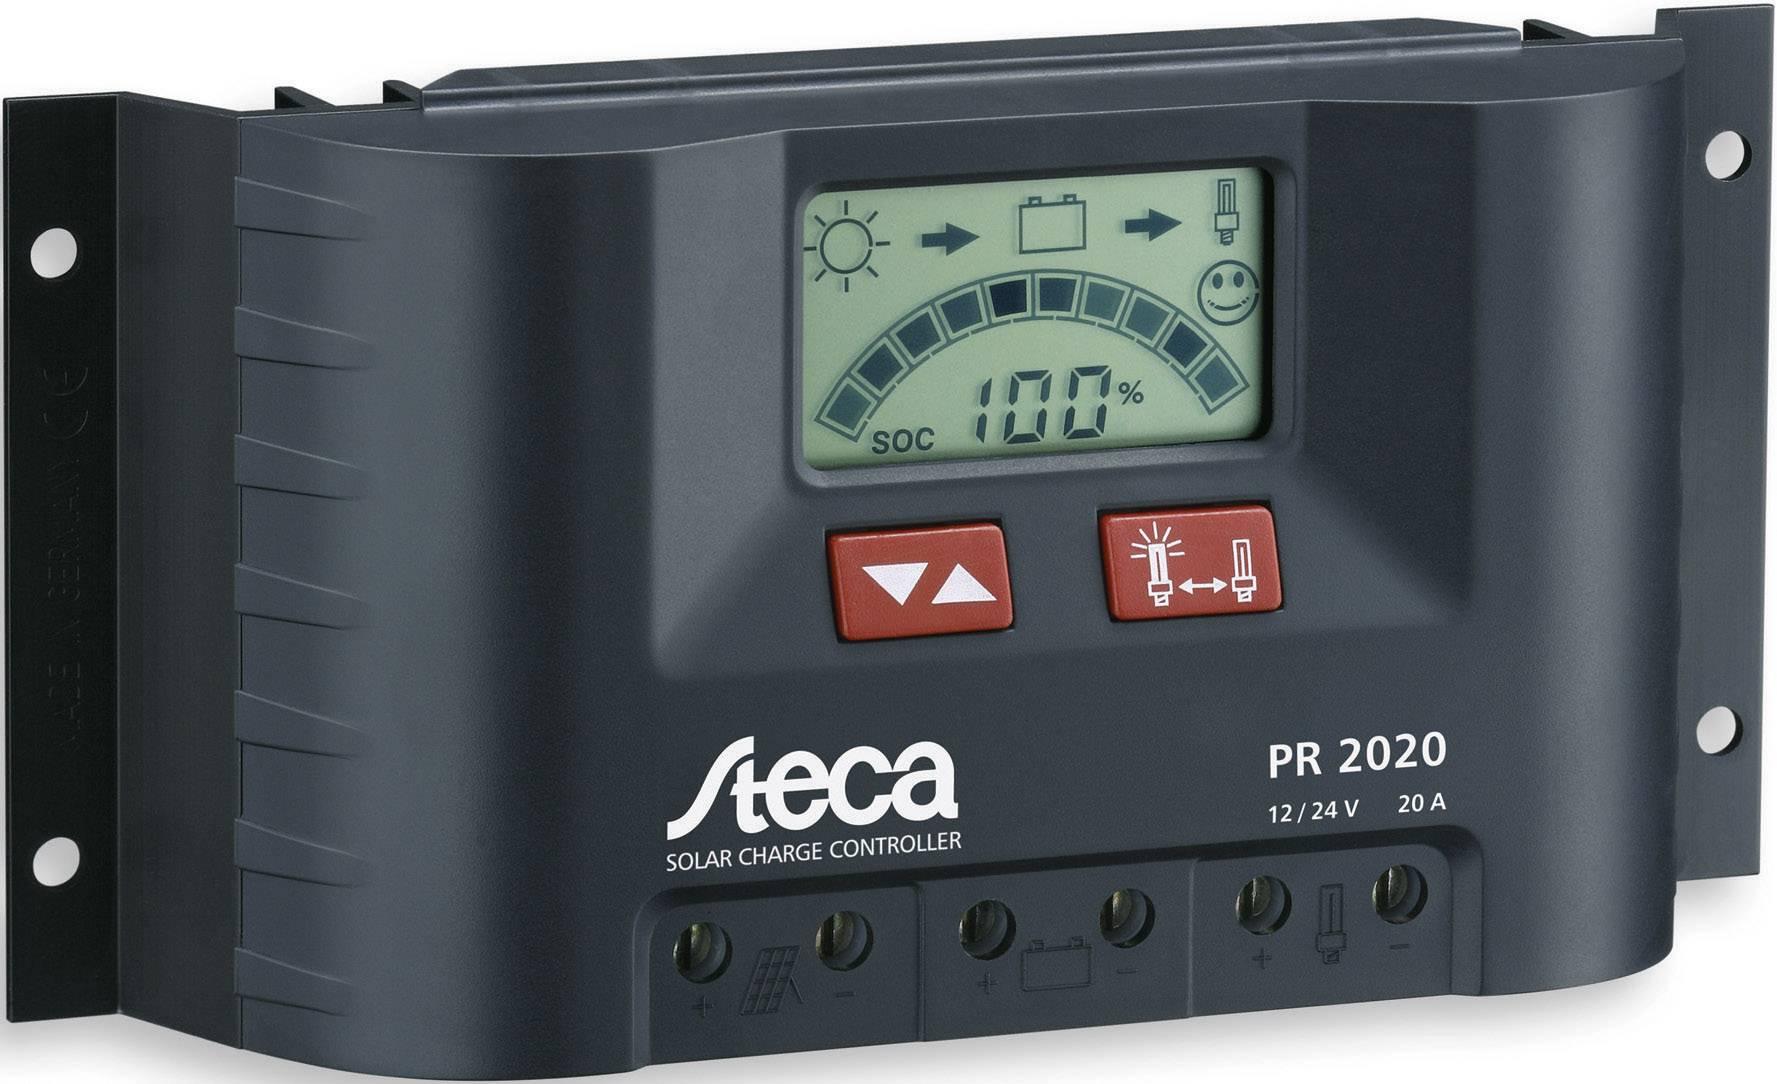 Solárny regulátor nabíjania Steca PR 2020 104516, 20 A, 12 V, 24 V